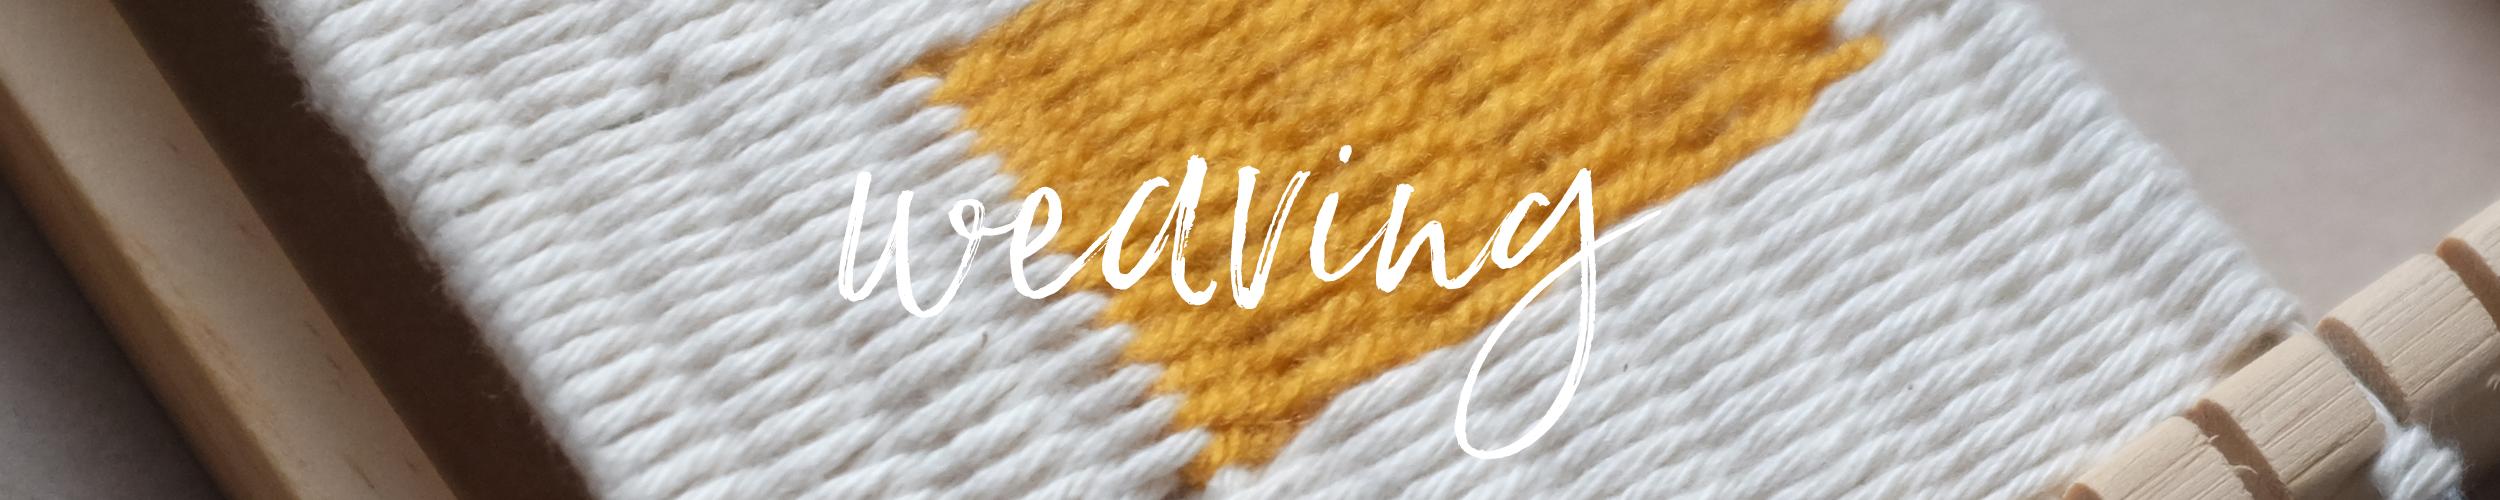 weaving banner.png